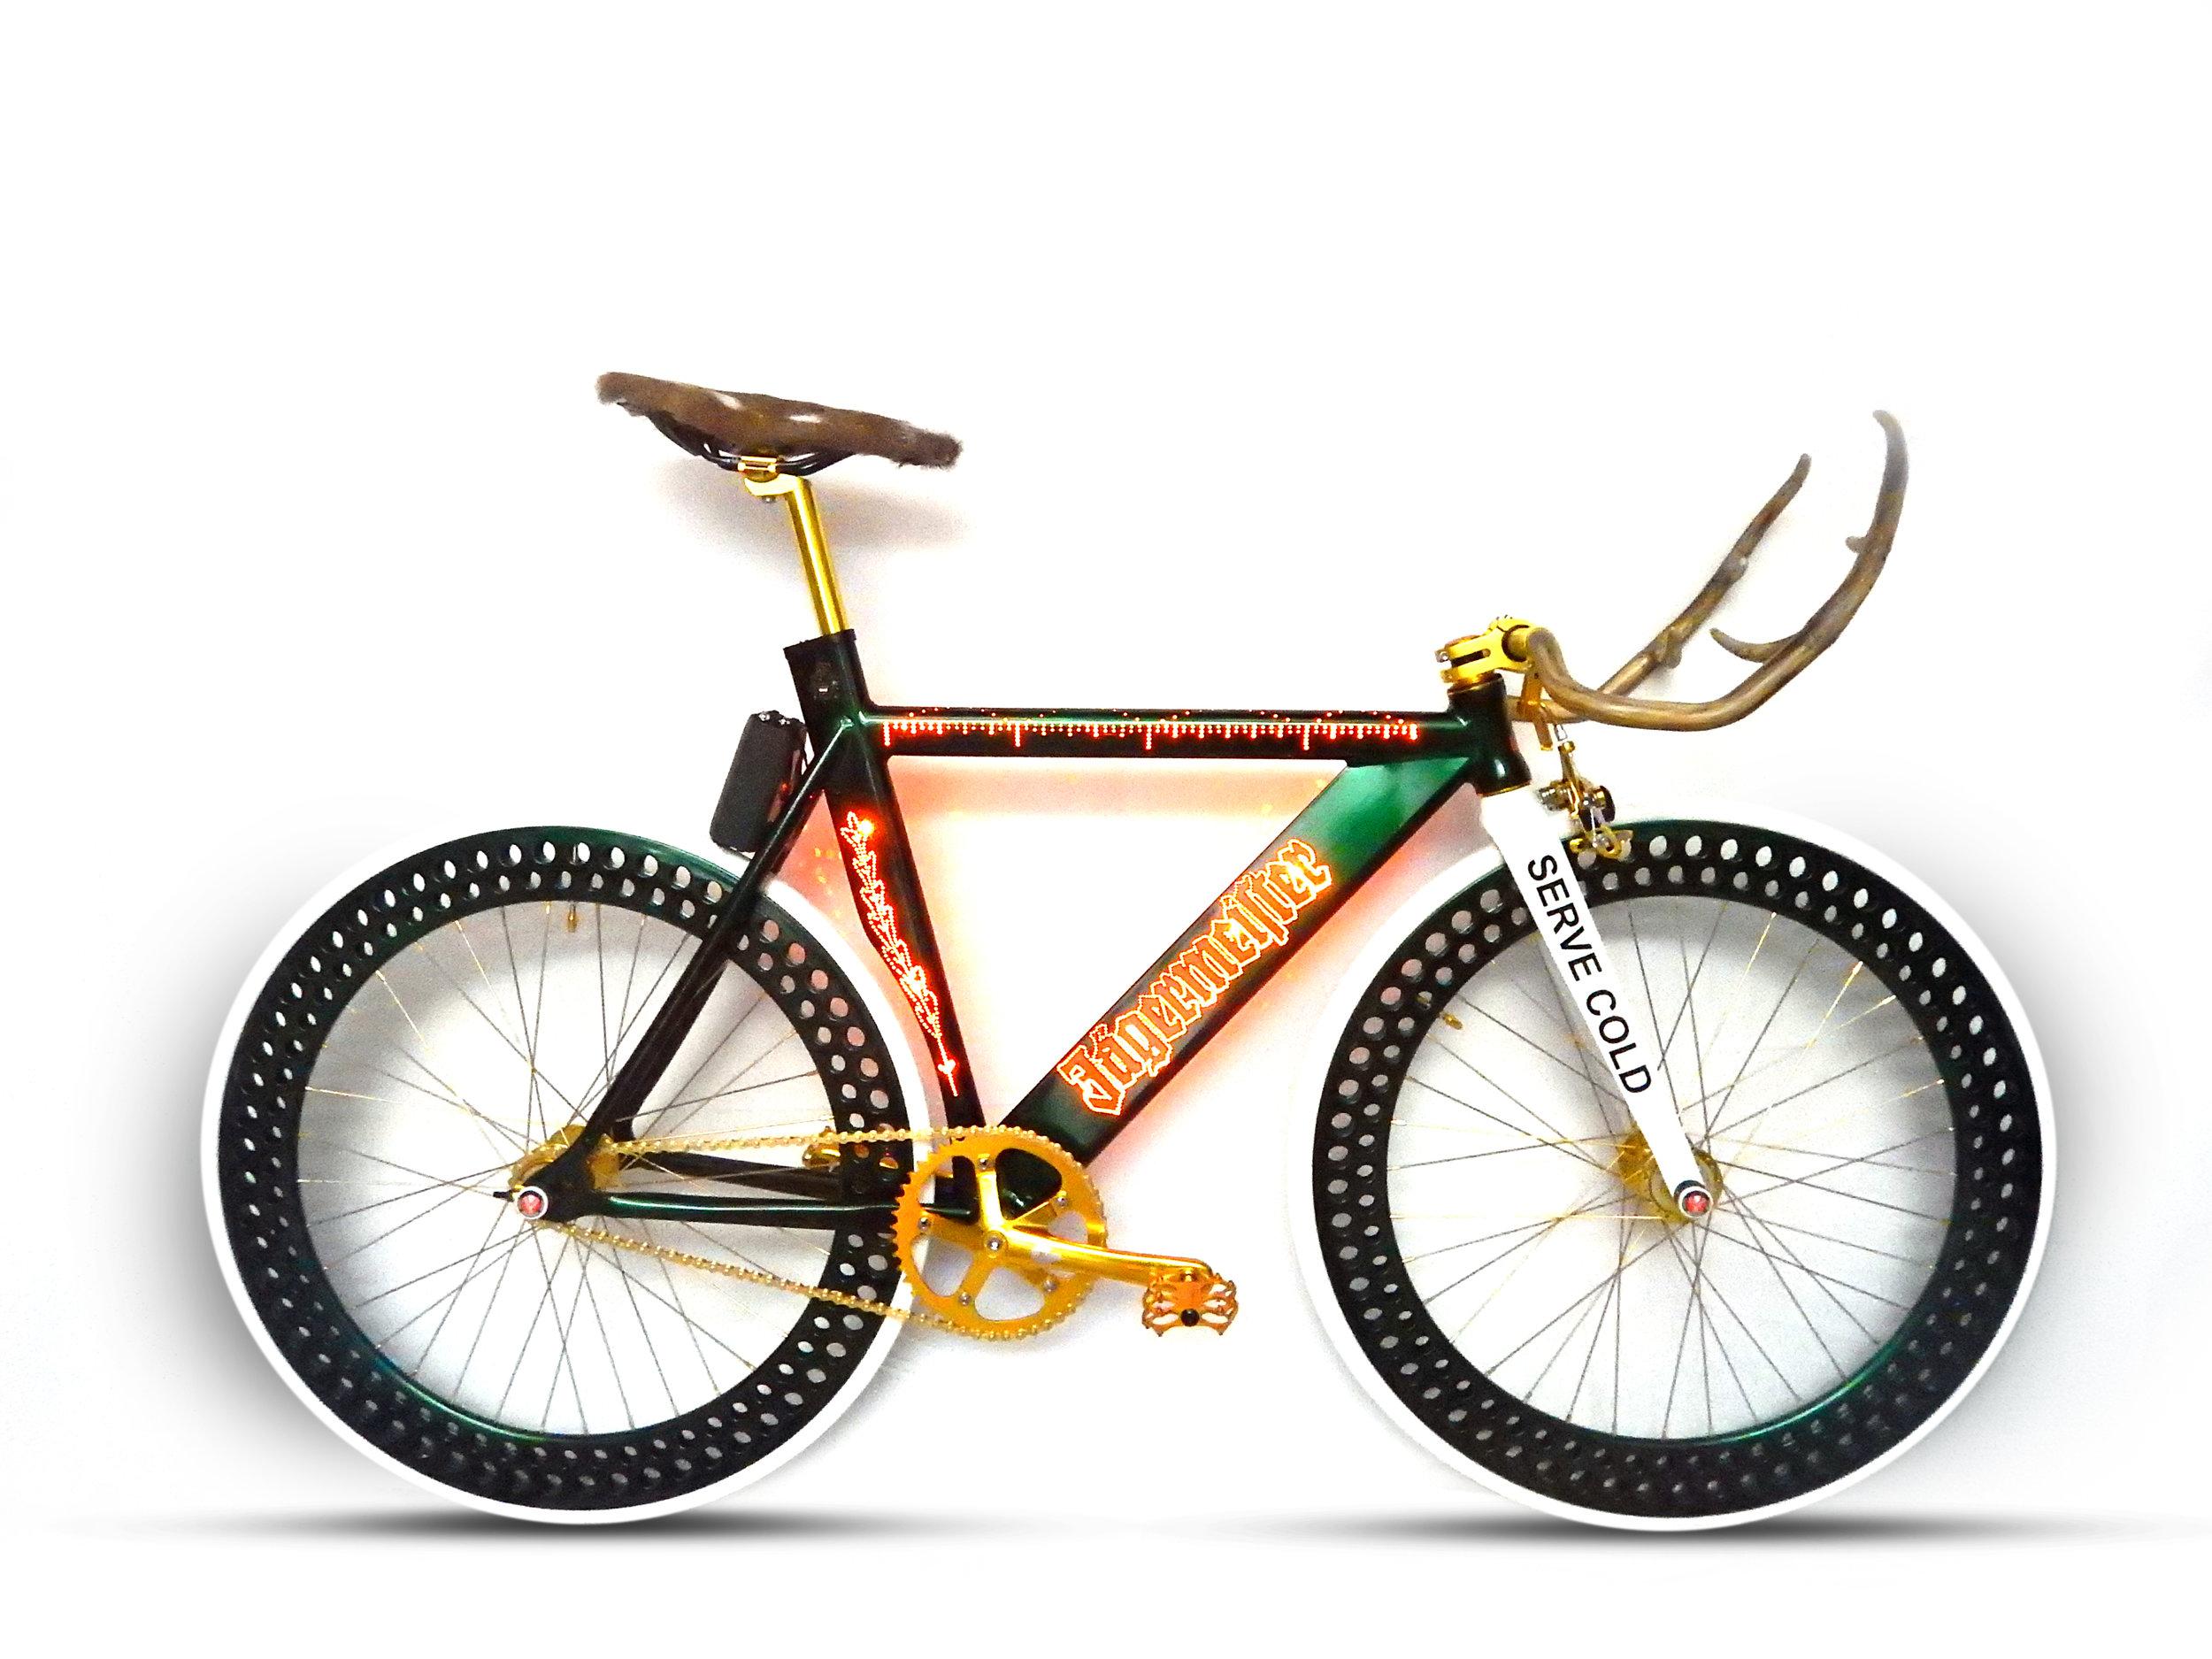 Lux cycle_Jagder1.jpg